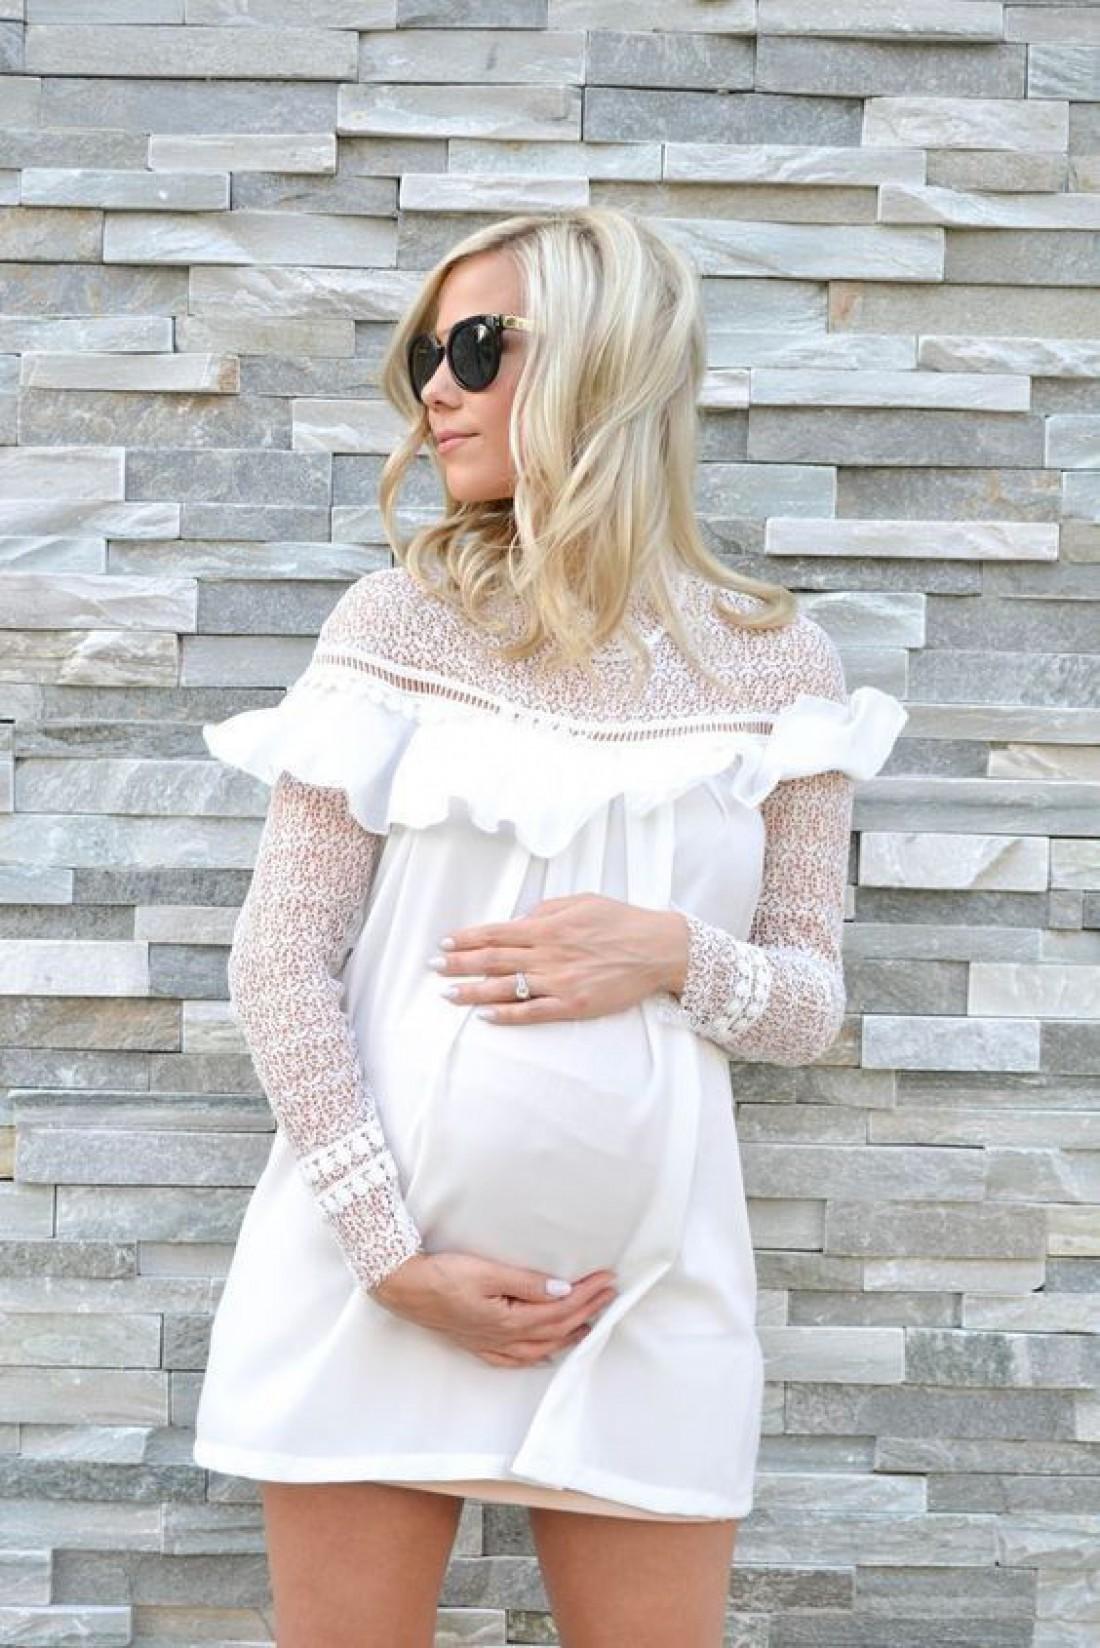 ТОП-8 необычных признаков беременности на ранних сроках